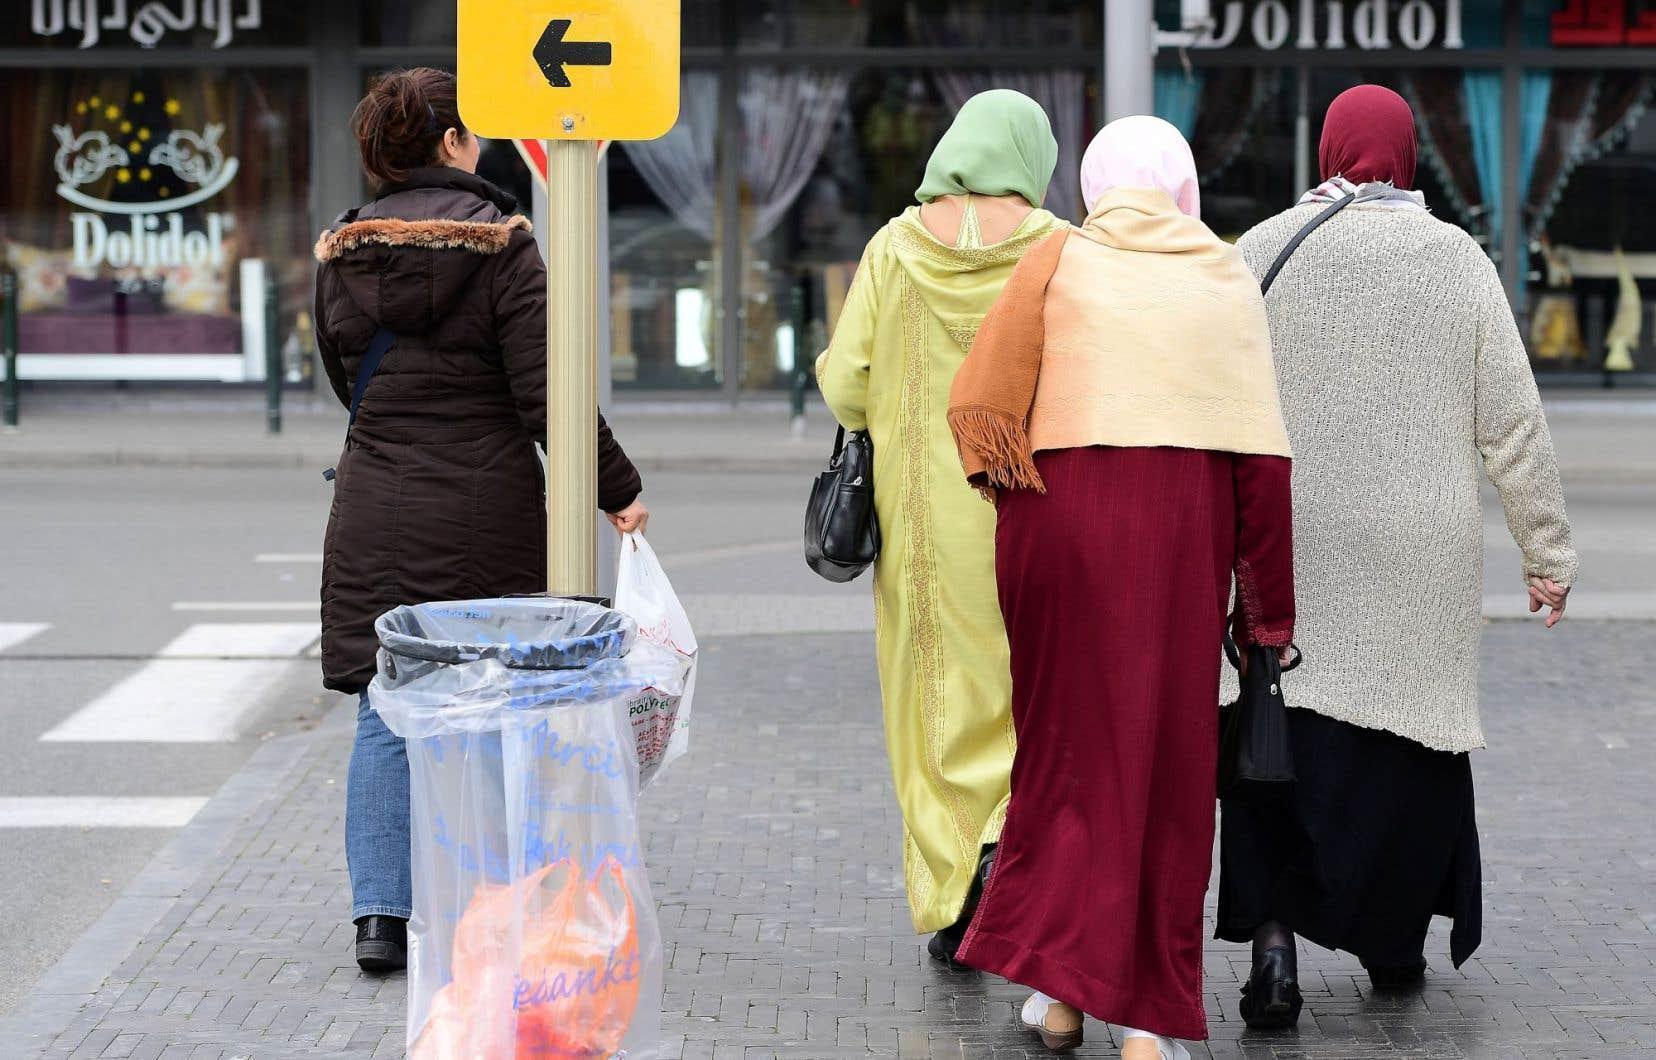 En Belgique, il a fallu attendre 1974 pour qu'on reconnaisse la religion musulmane. Pendant ce temps, un islam de plus en plus orthodoxe a remplacé l'islam paisible des premiers arrivants.